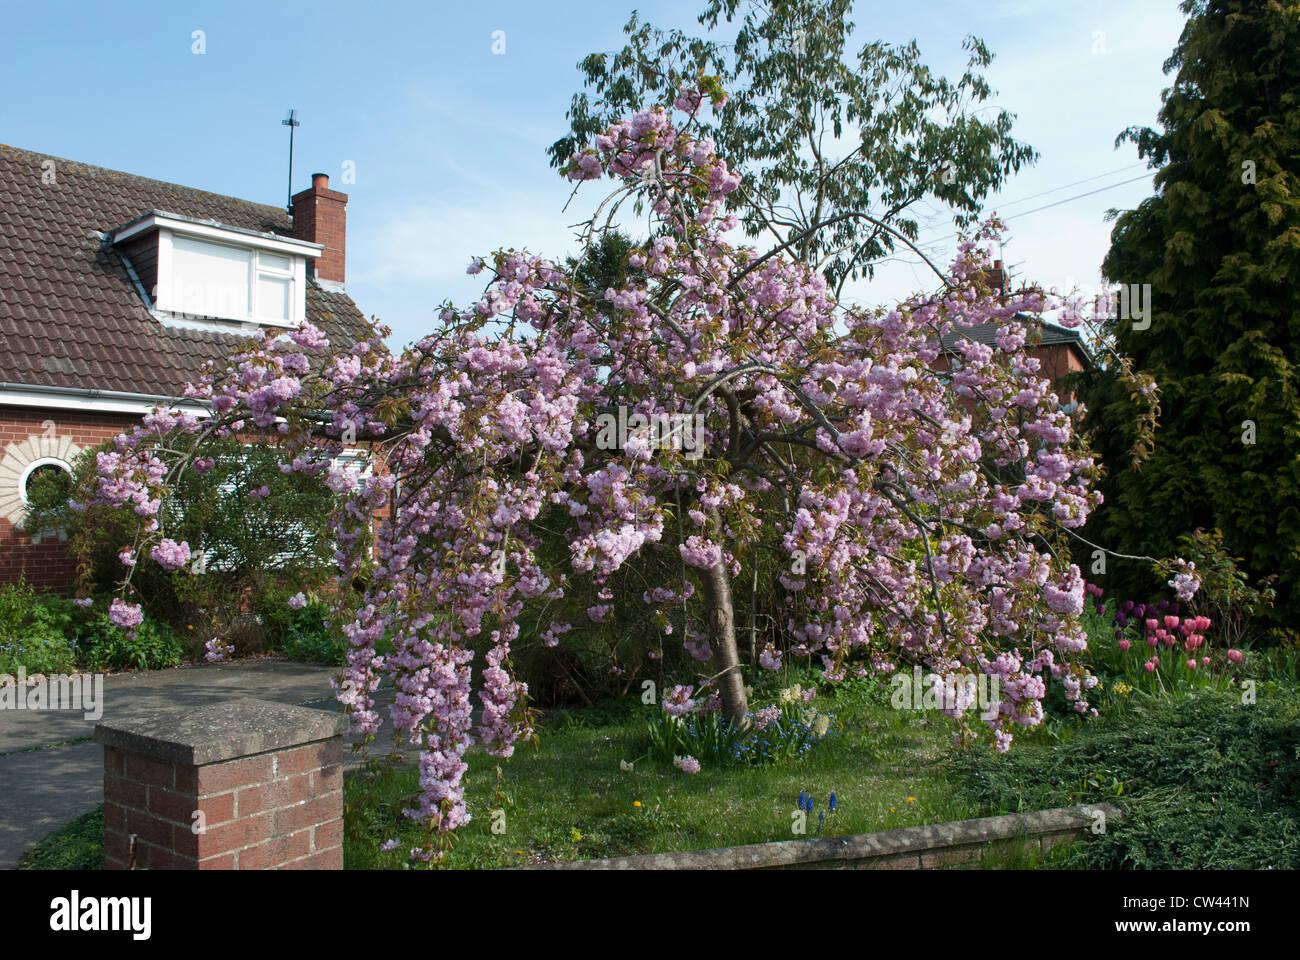 Cerisier Pleureur Dans Fleur Pleine Devant Avec Jardin Bungalow Avec